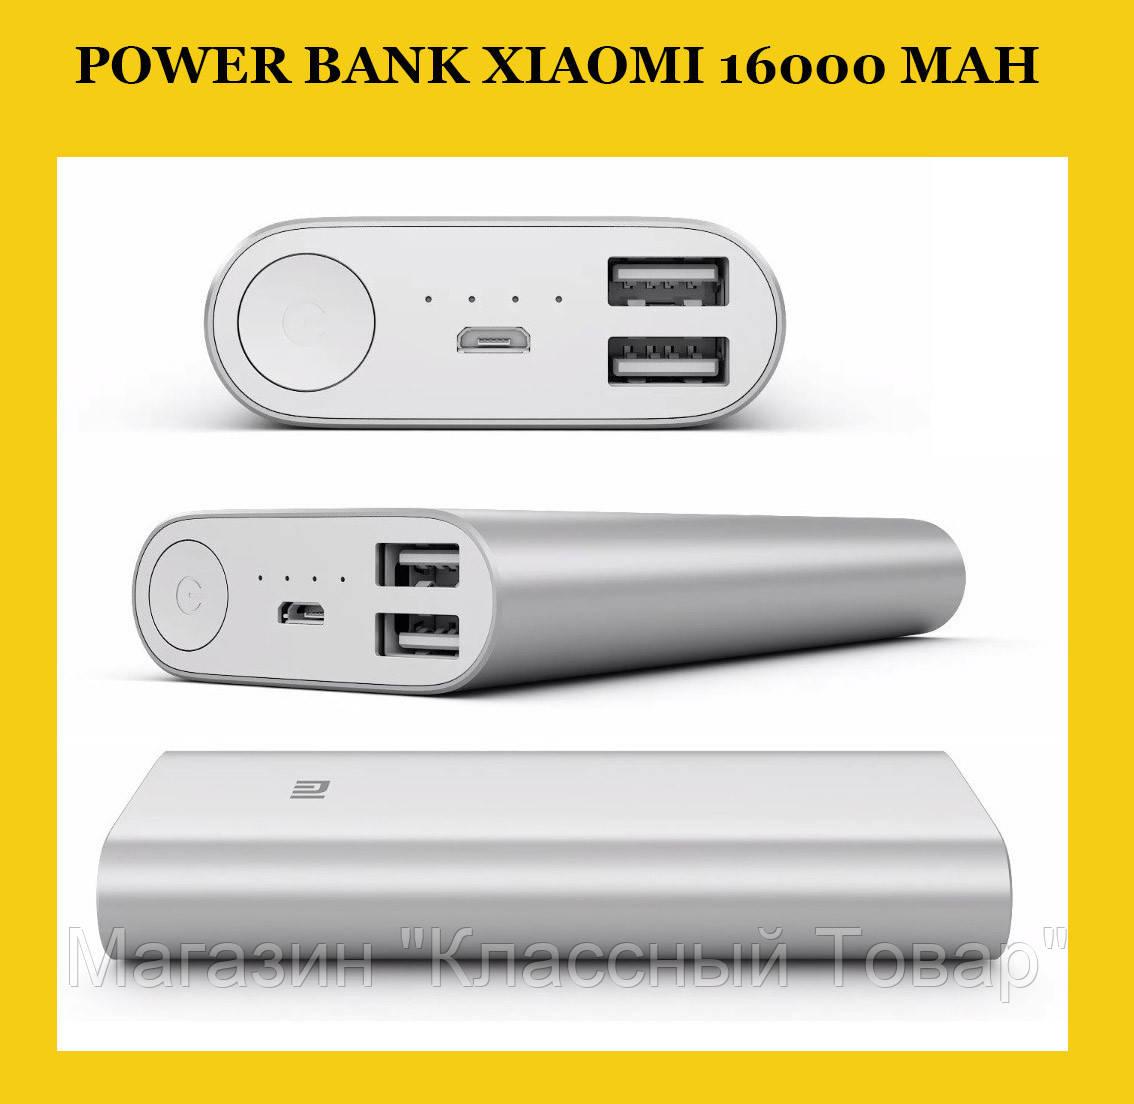 Power Bank Xlaomi 16000 Mah Powerbank Xiaomi